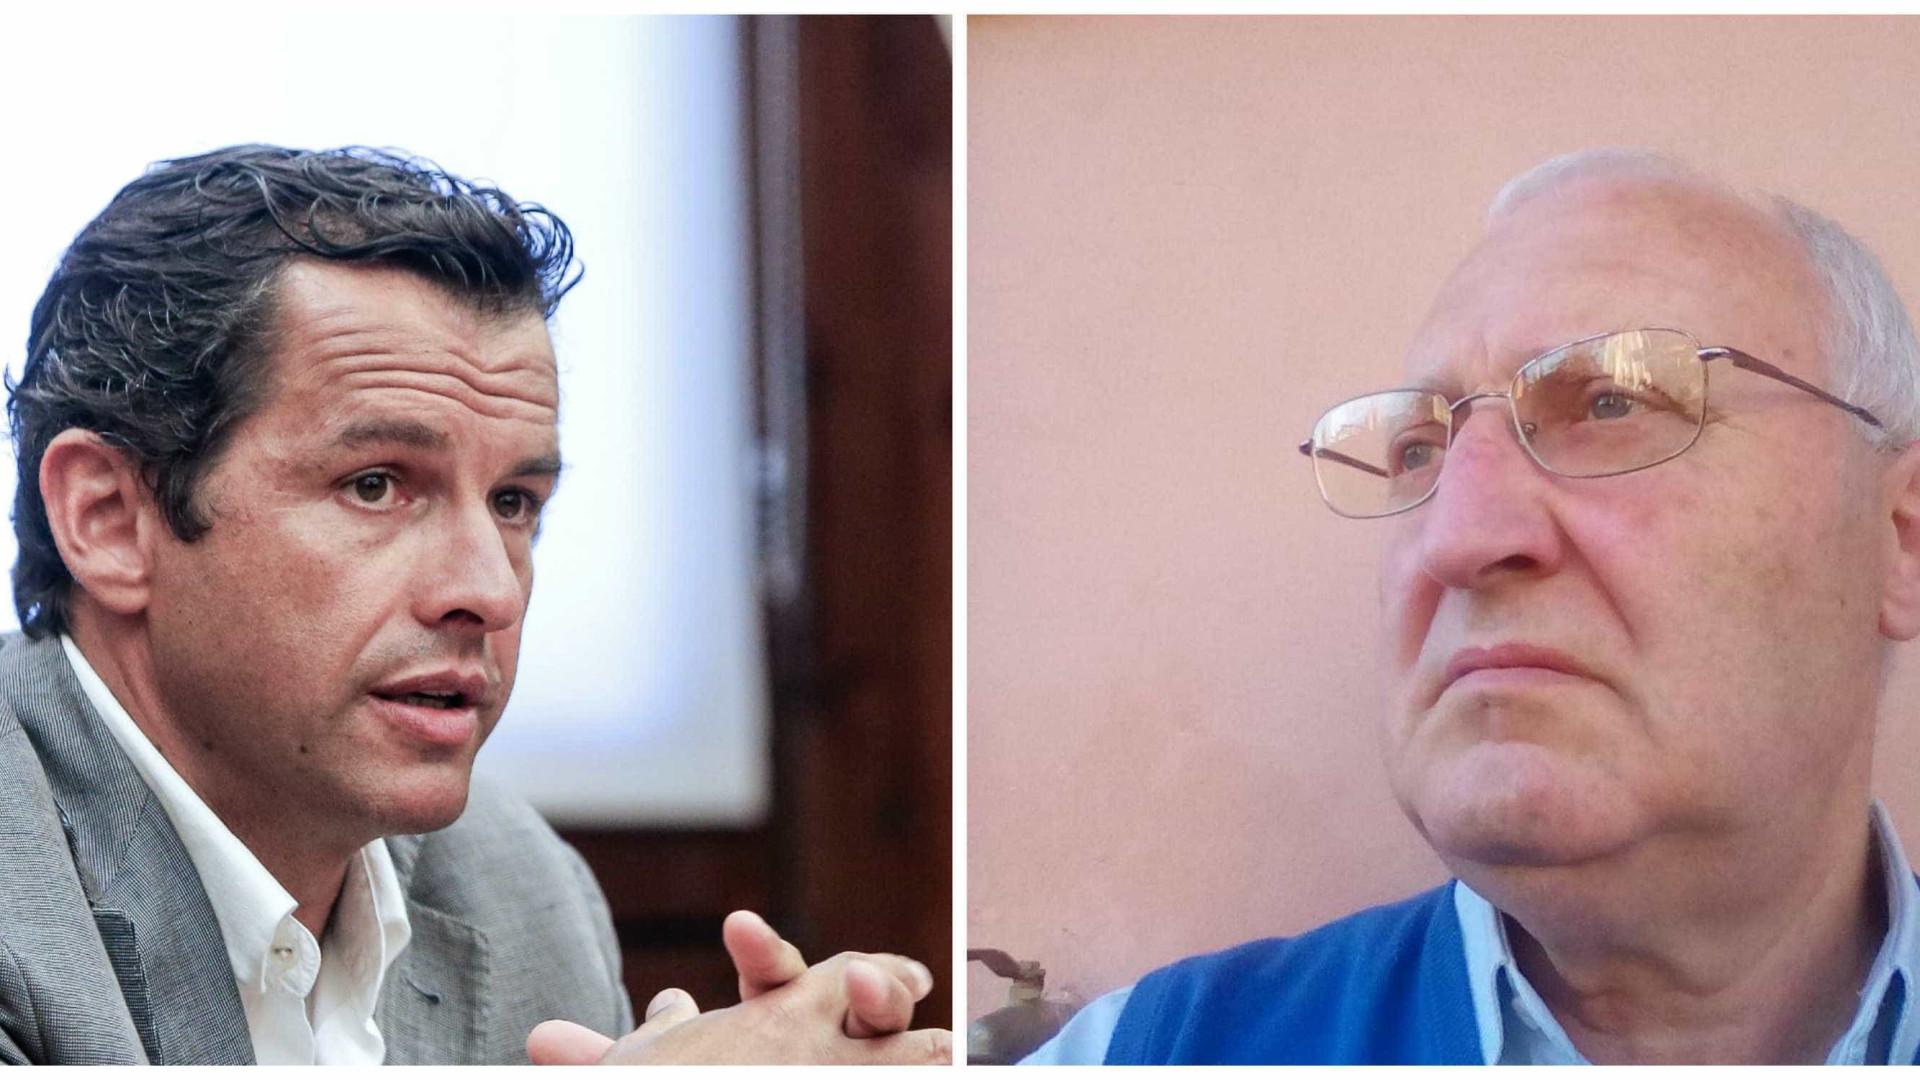 Idoso condenado a indemnizar deputado recebe donativos (mas não chega)